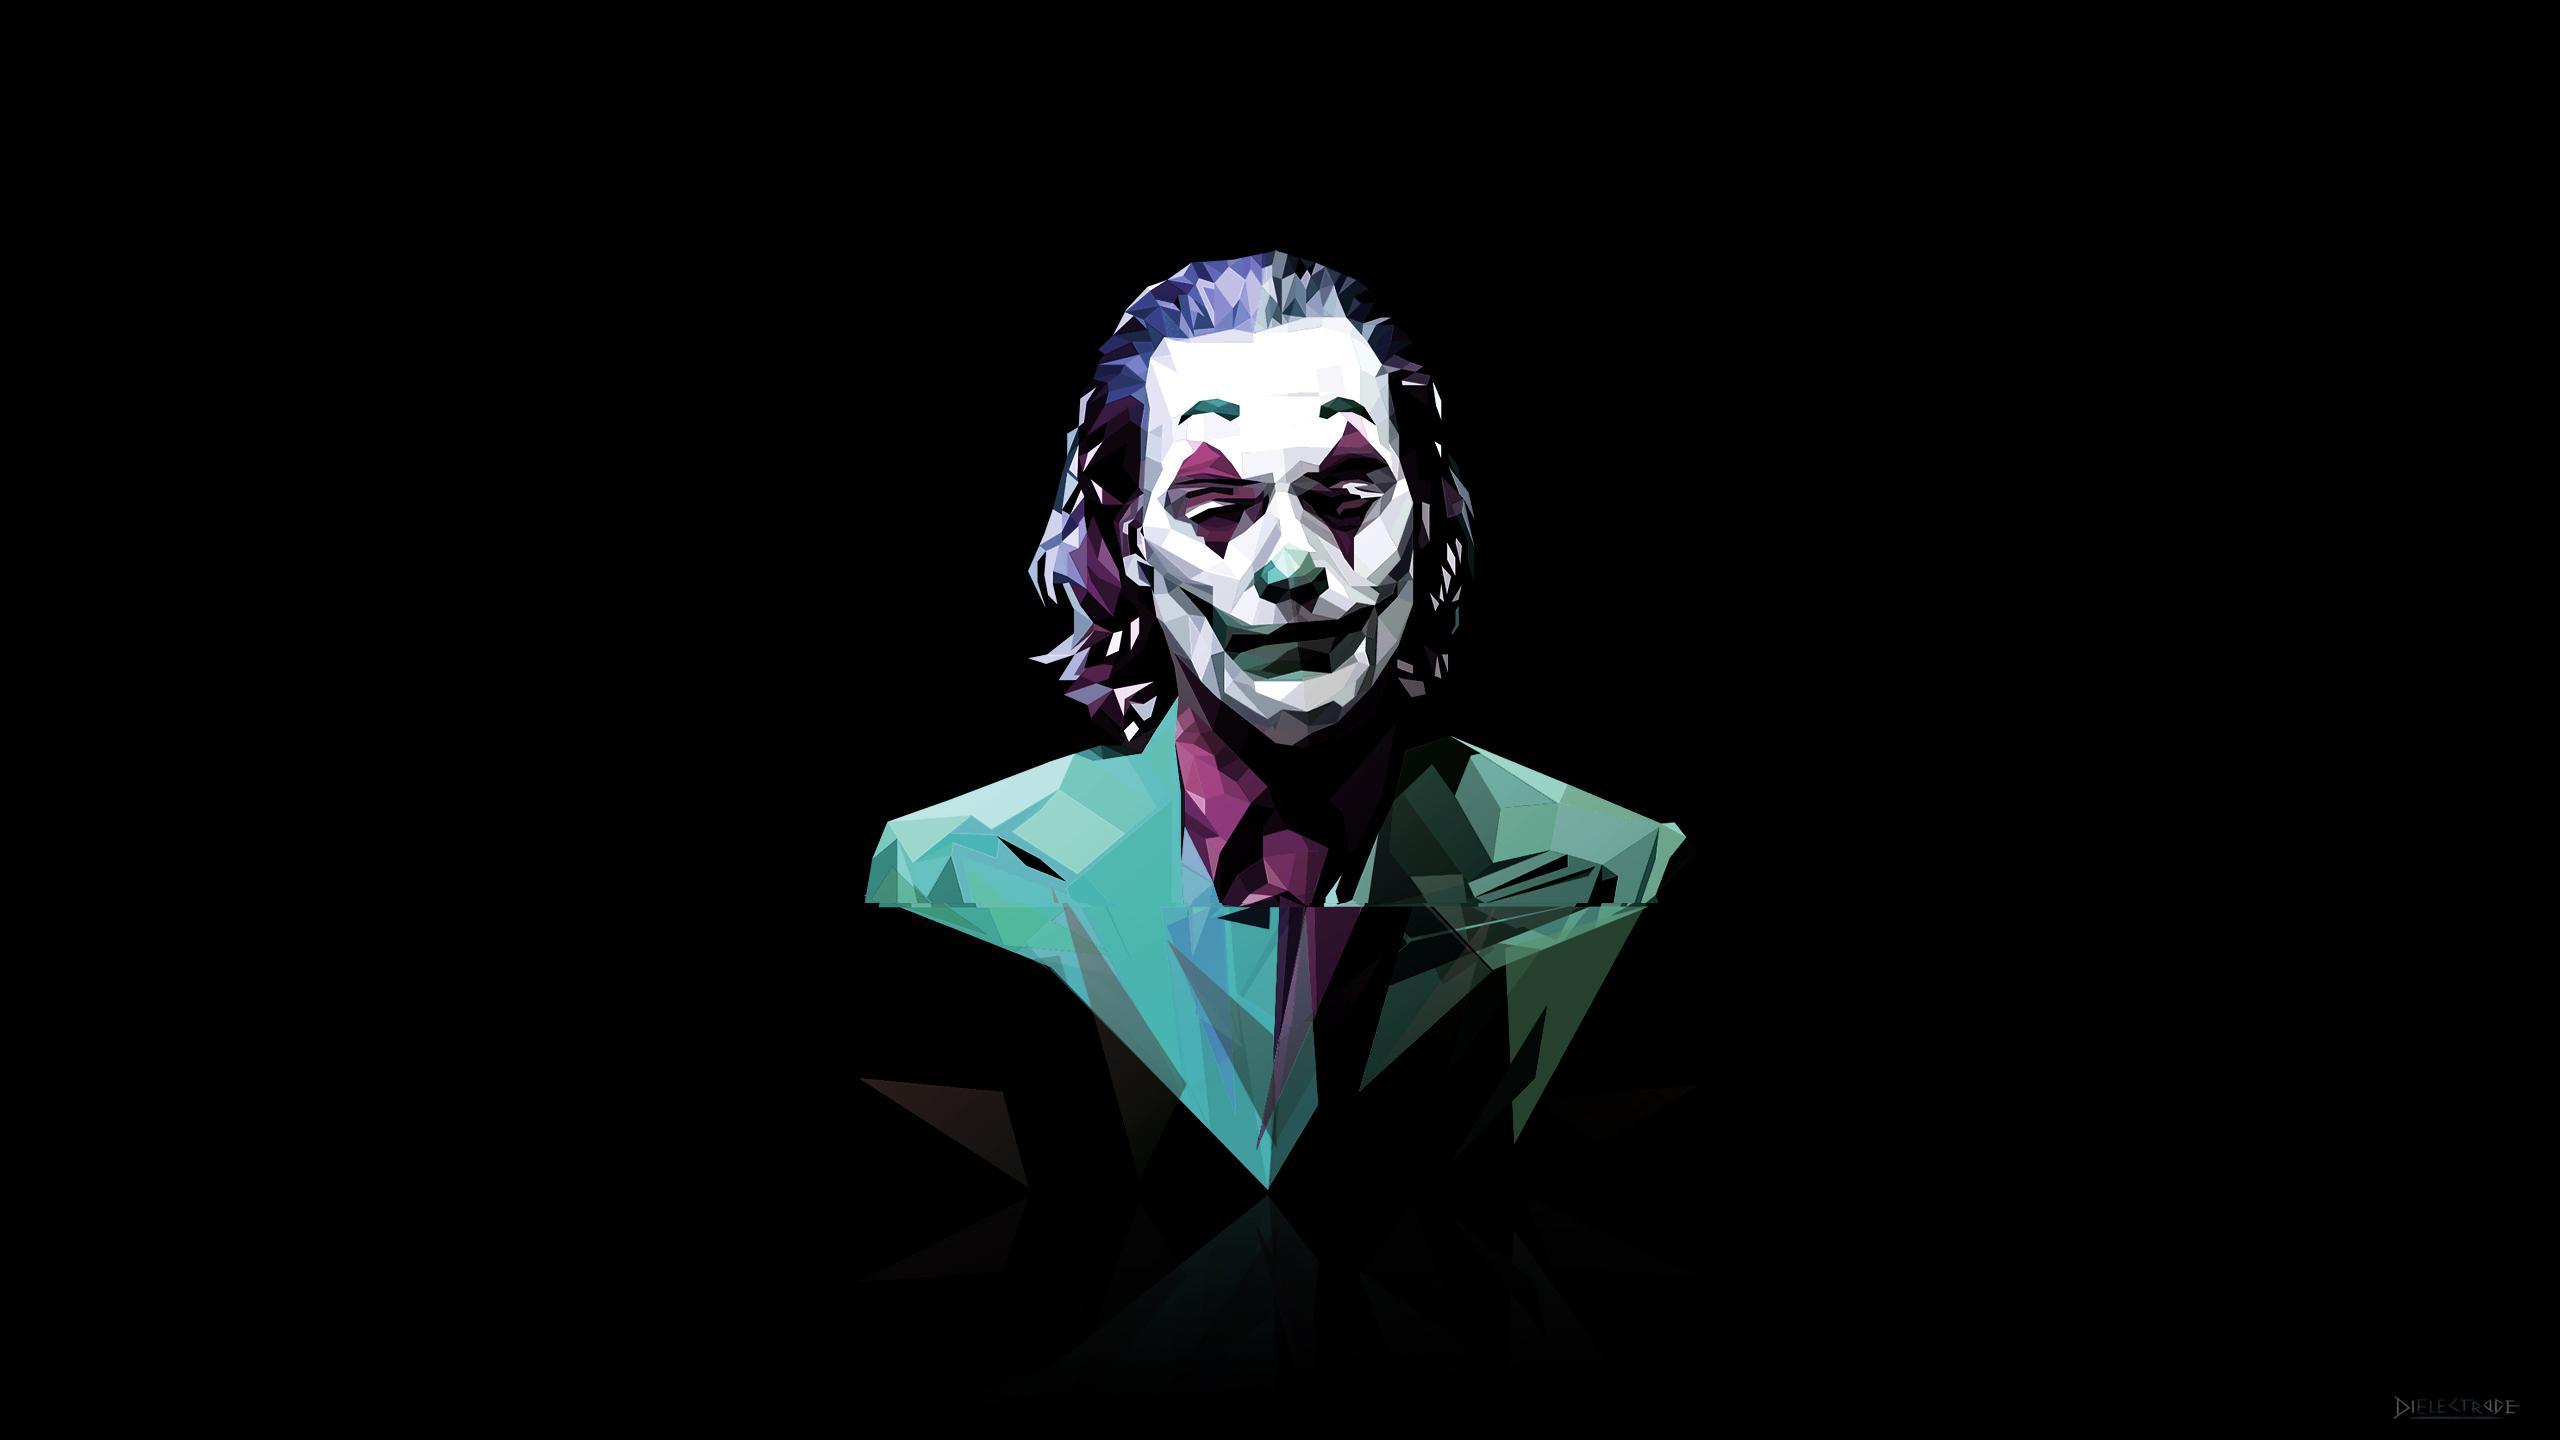 Hd Joker Wallpaper Posted By Michelle Peltier